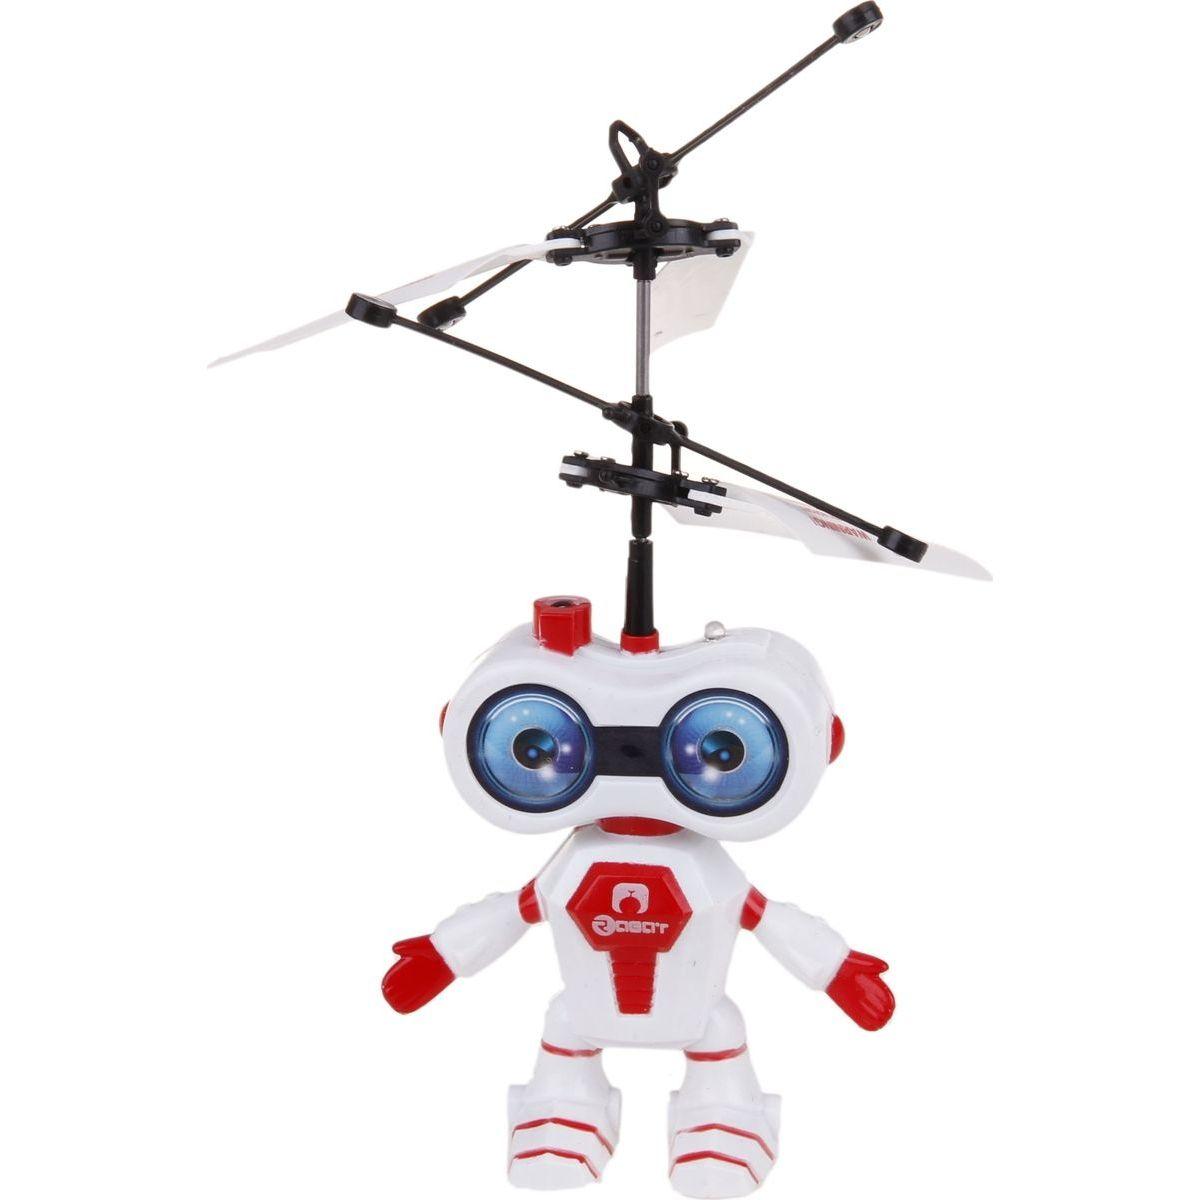 Teddies Vrtulník vesmírný letec 15cm se senzorem - Červená